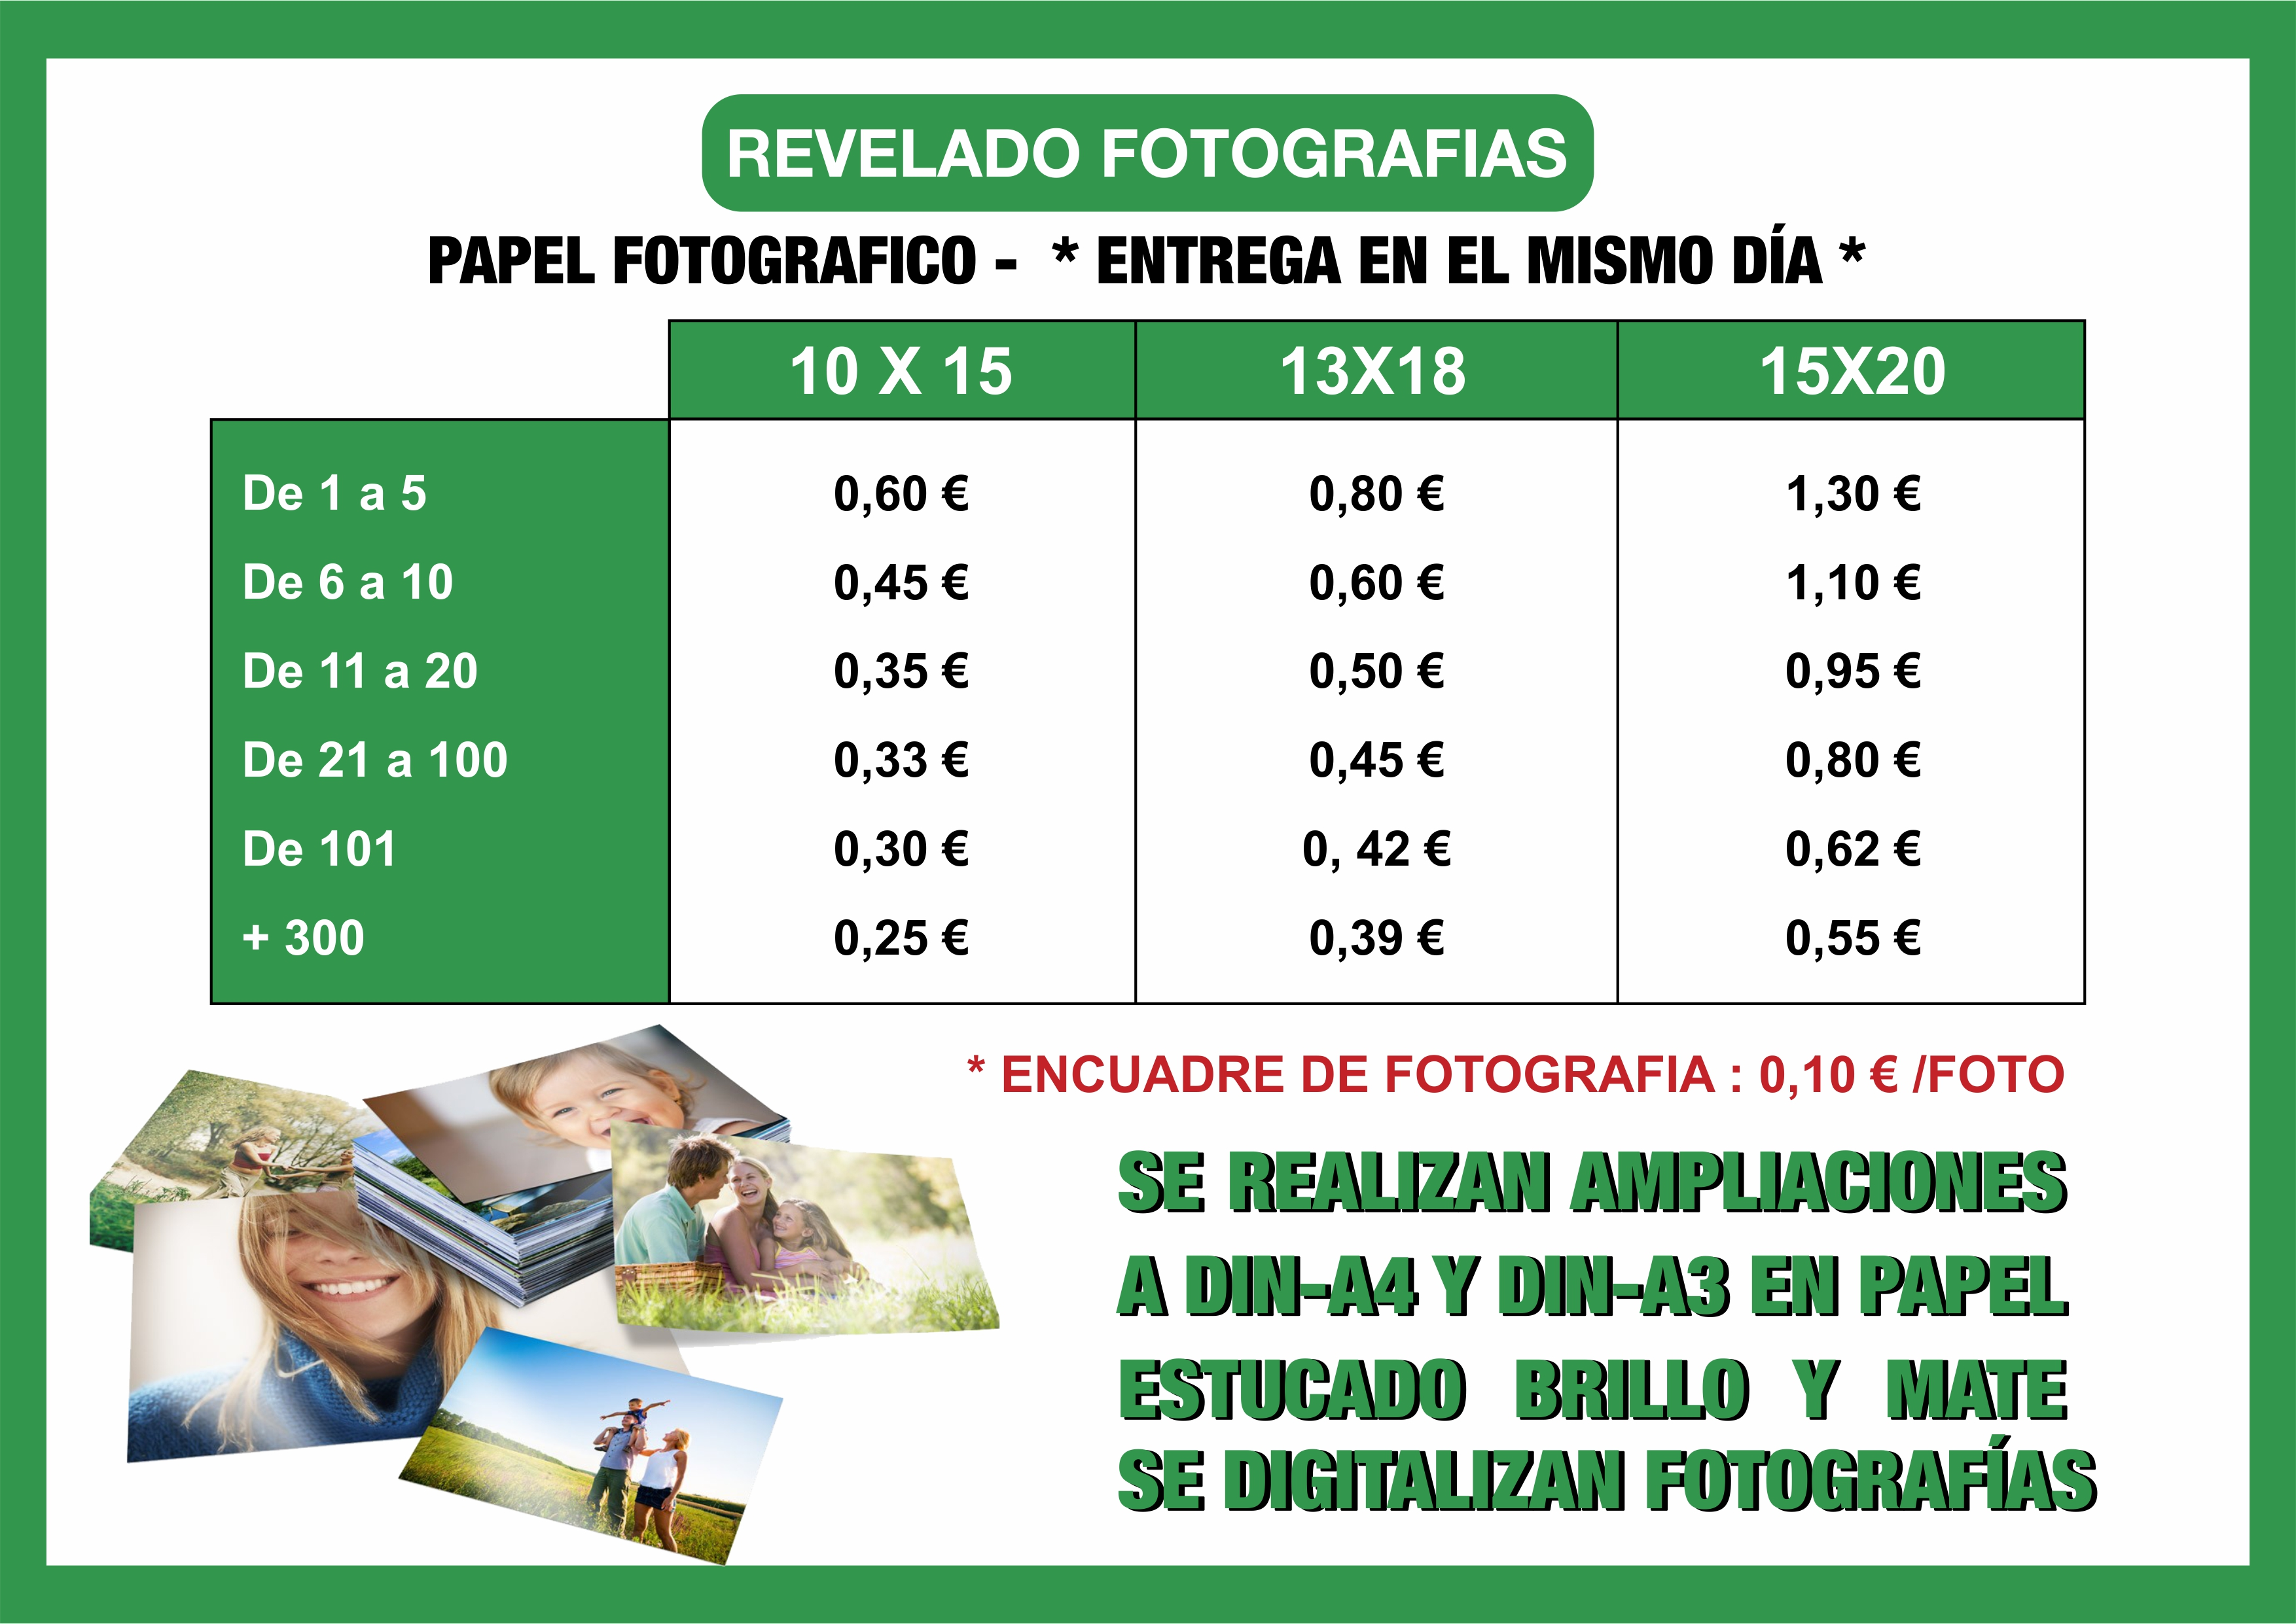 Revelado Fotográfico | KOPITEX